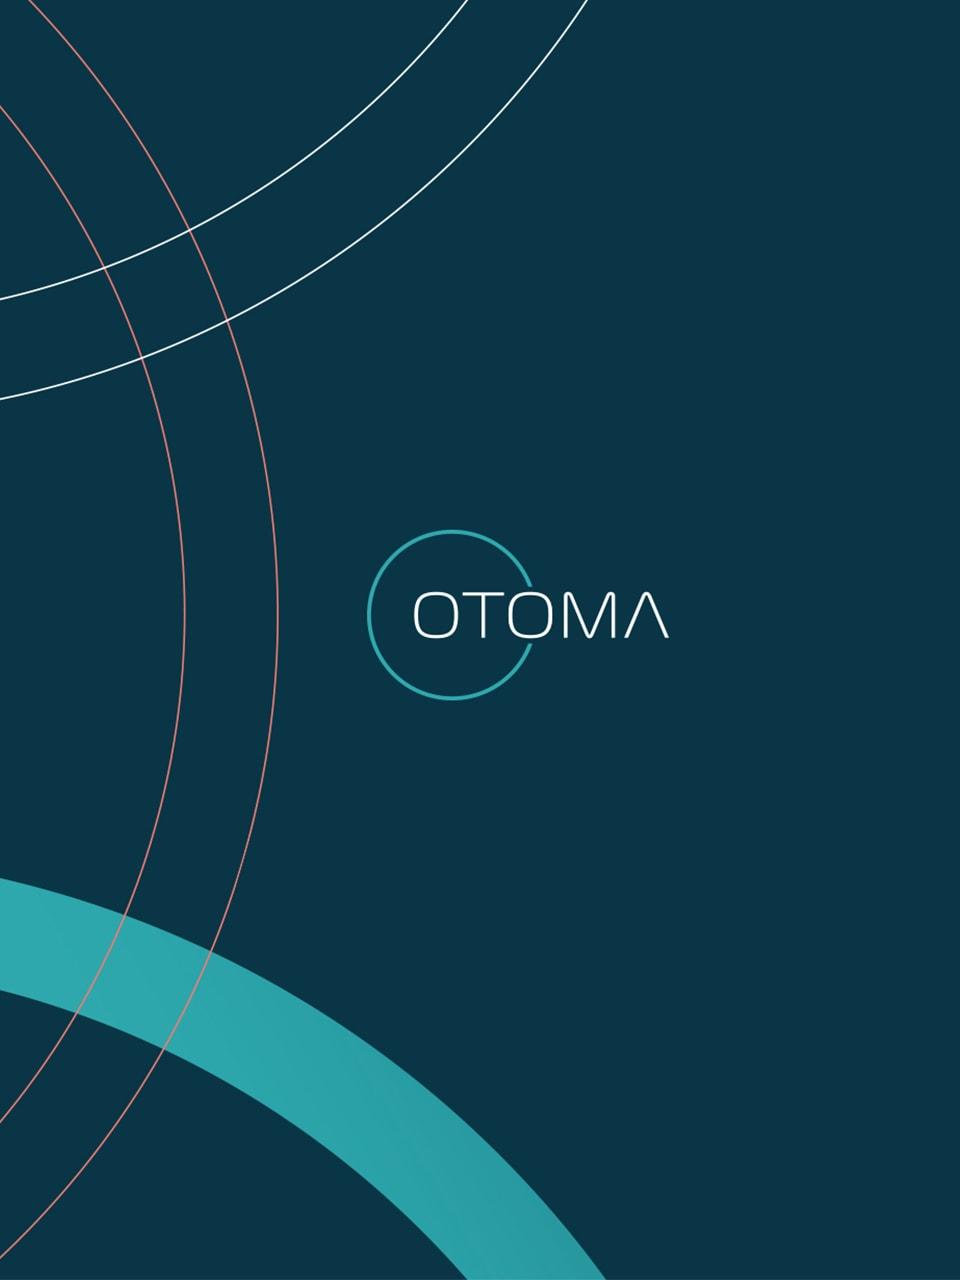 otoma-mobile-banner - Natie Branding Agency